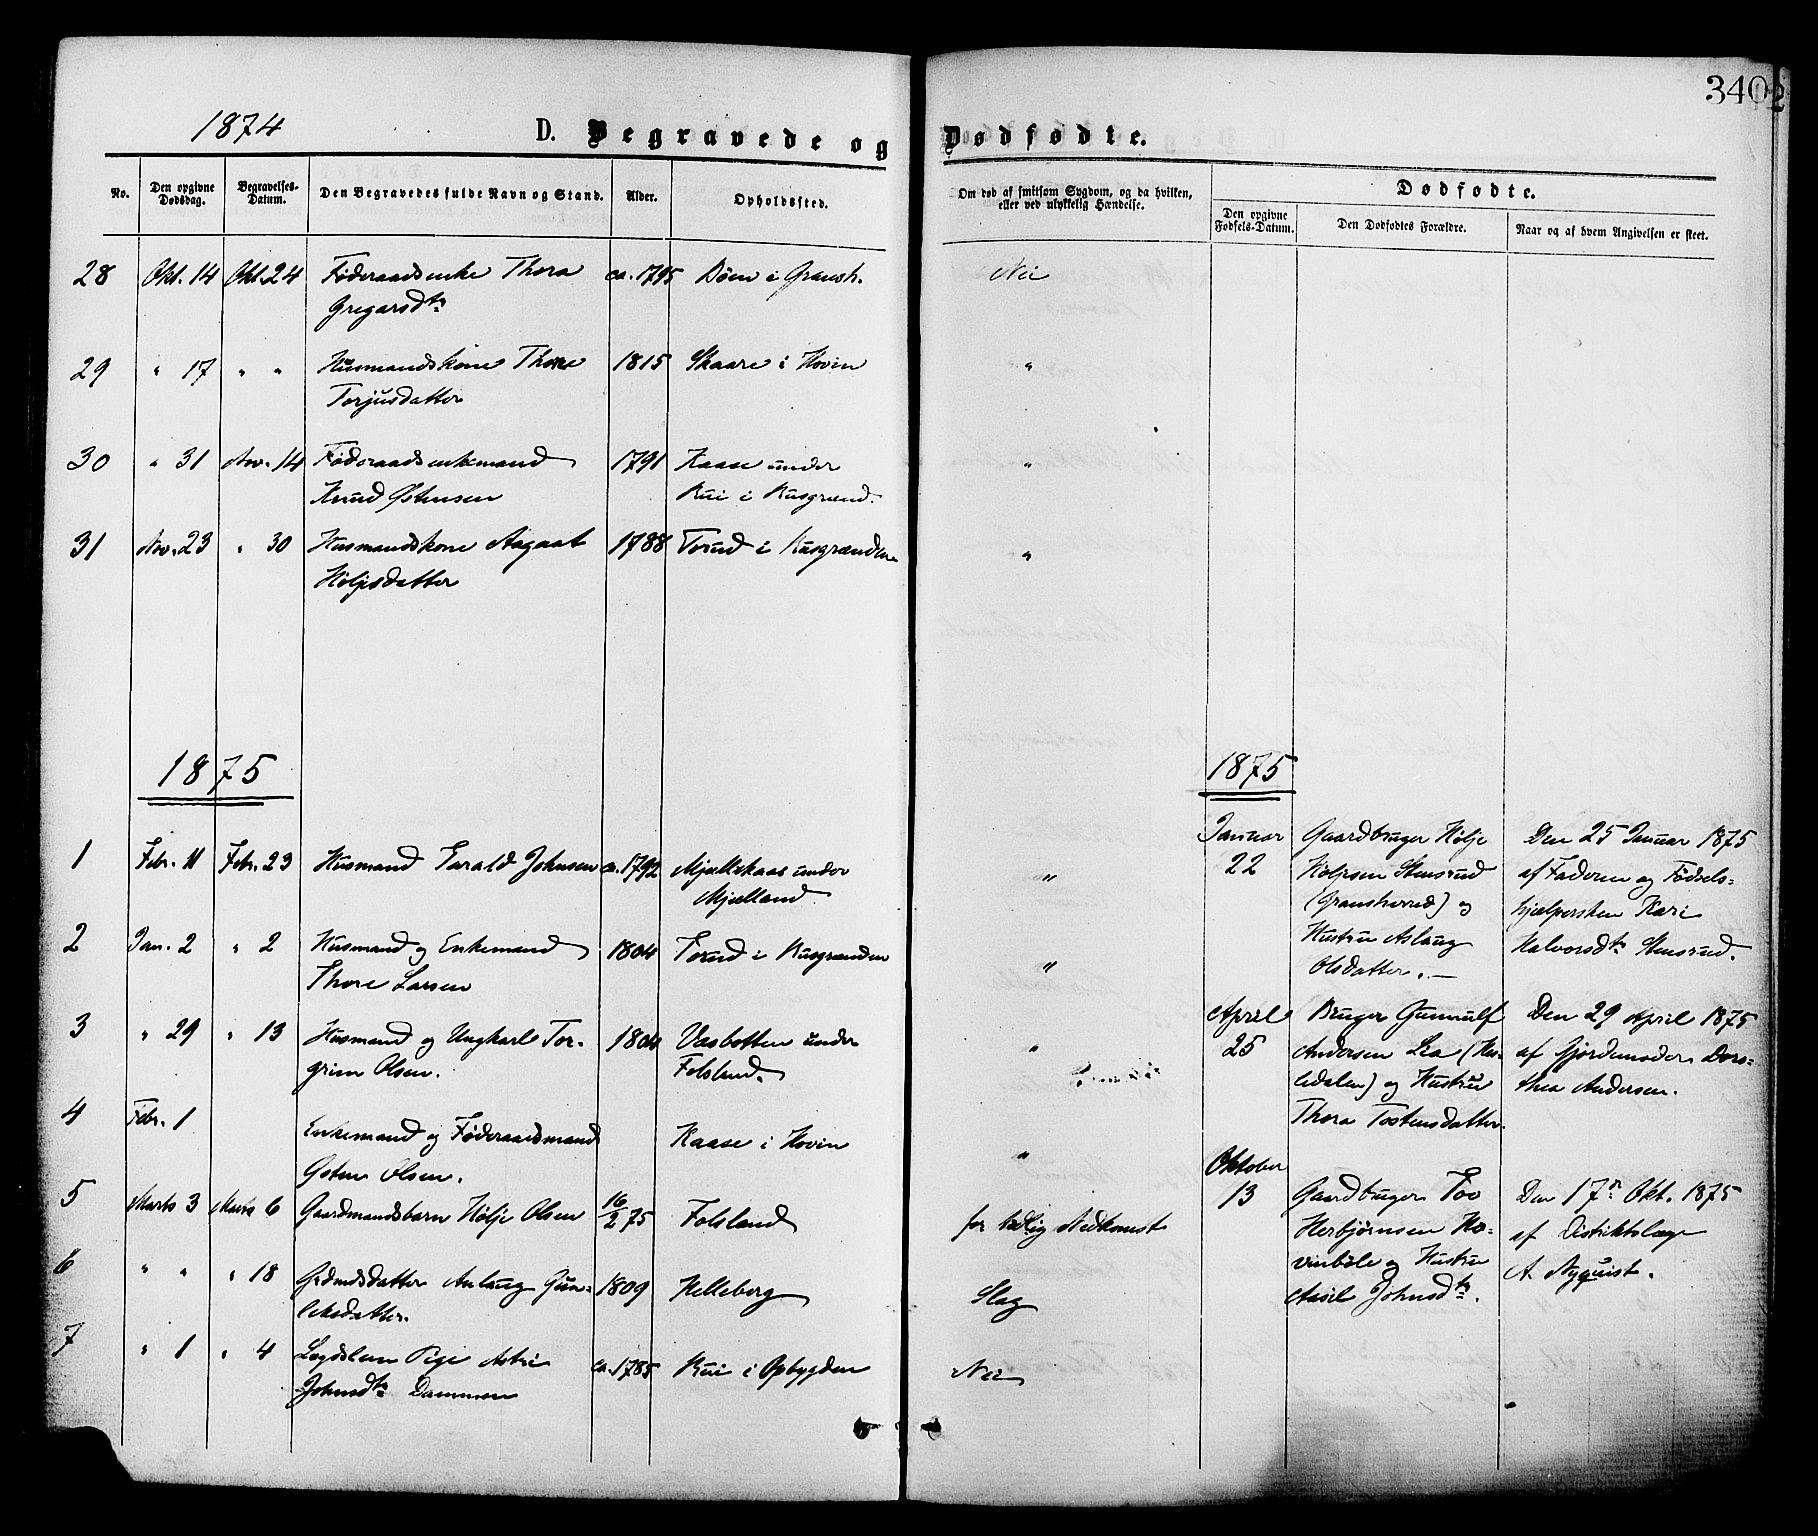 SAKO, Gransherad kirkebøker, F/Fa/L0004: Ministerialbok nr. I 4, 1871-1886, s. 340